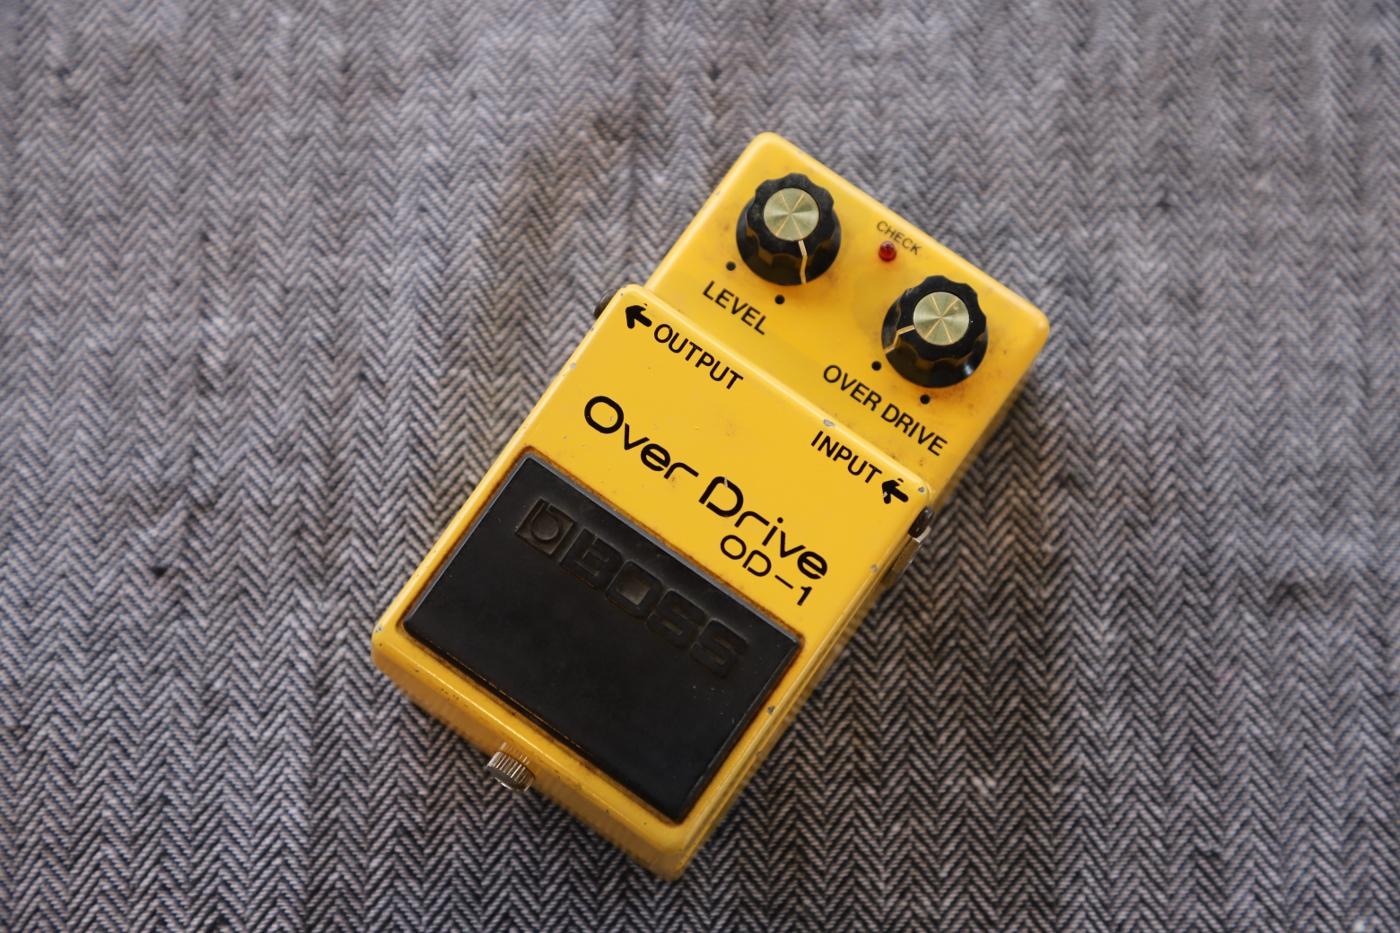 【中古商品】BOSS OD-1 [銀ネジ] #9900 オーバードライブ [オペアンプ/JRC4558D] 【即納可能】